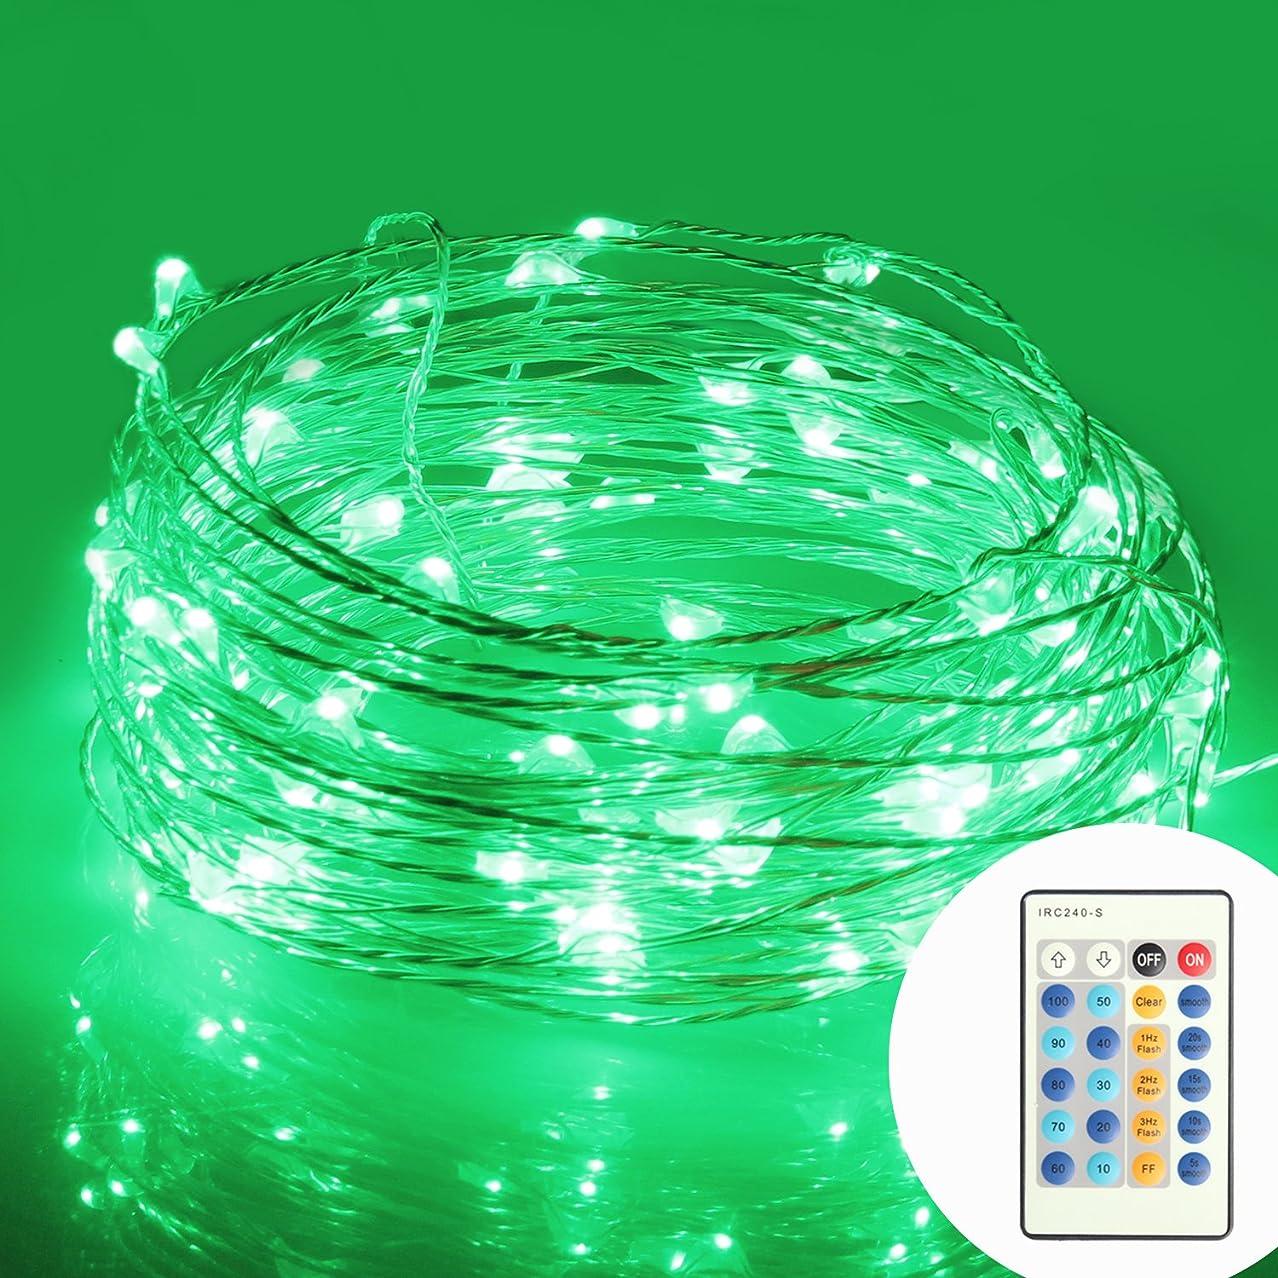 許可意識的豊かにする(モニコ)MONIKO イルミネーション 防水 コントローラー付 省エネ LED パーティー用電飾 メリクリスマス飾り ストリングライト 100球10m (グリーン)